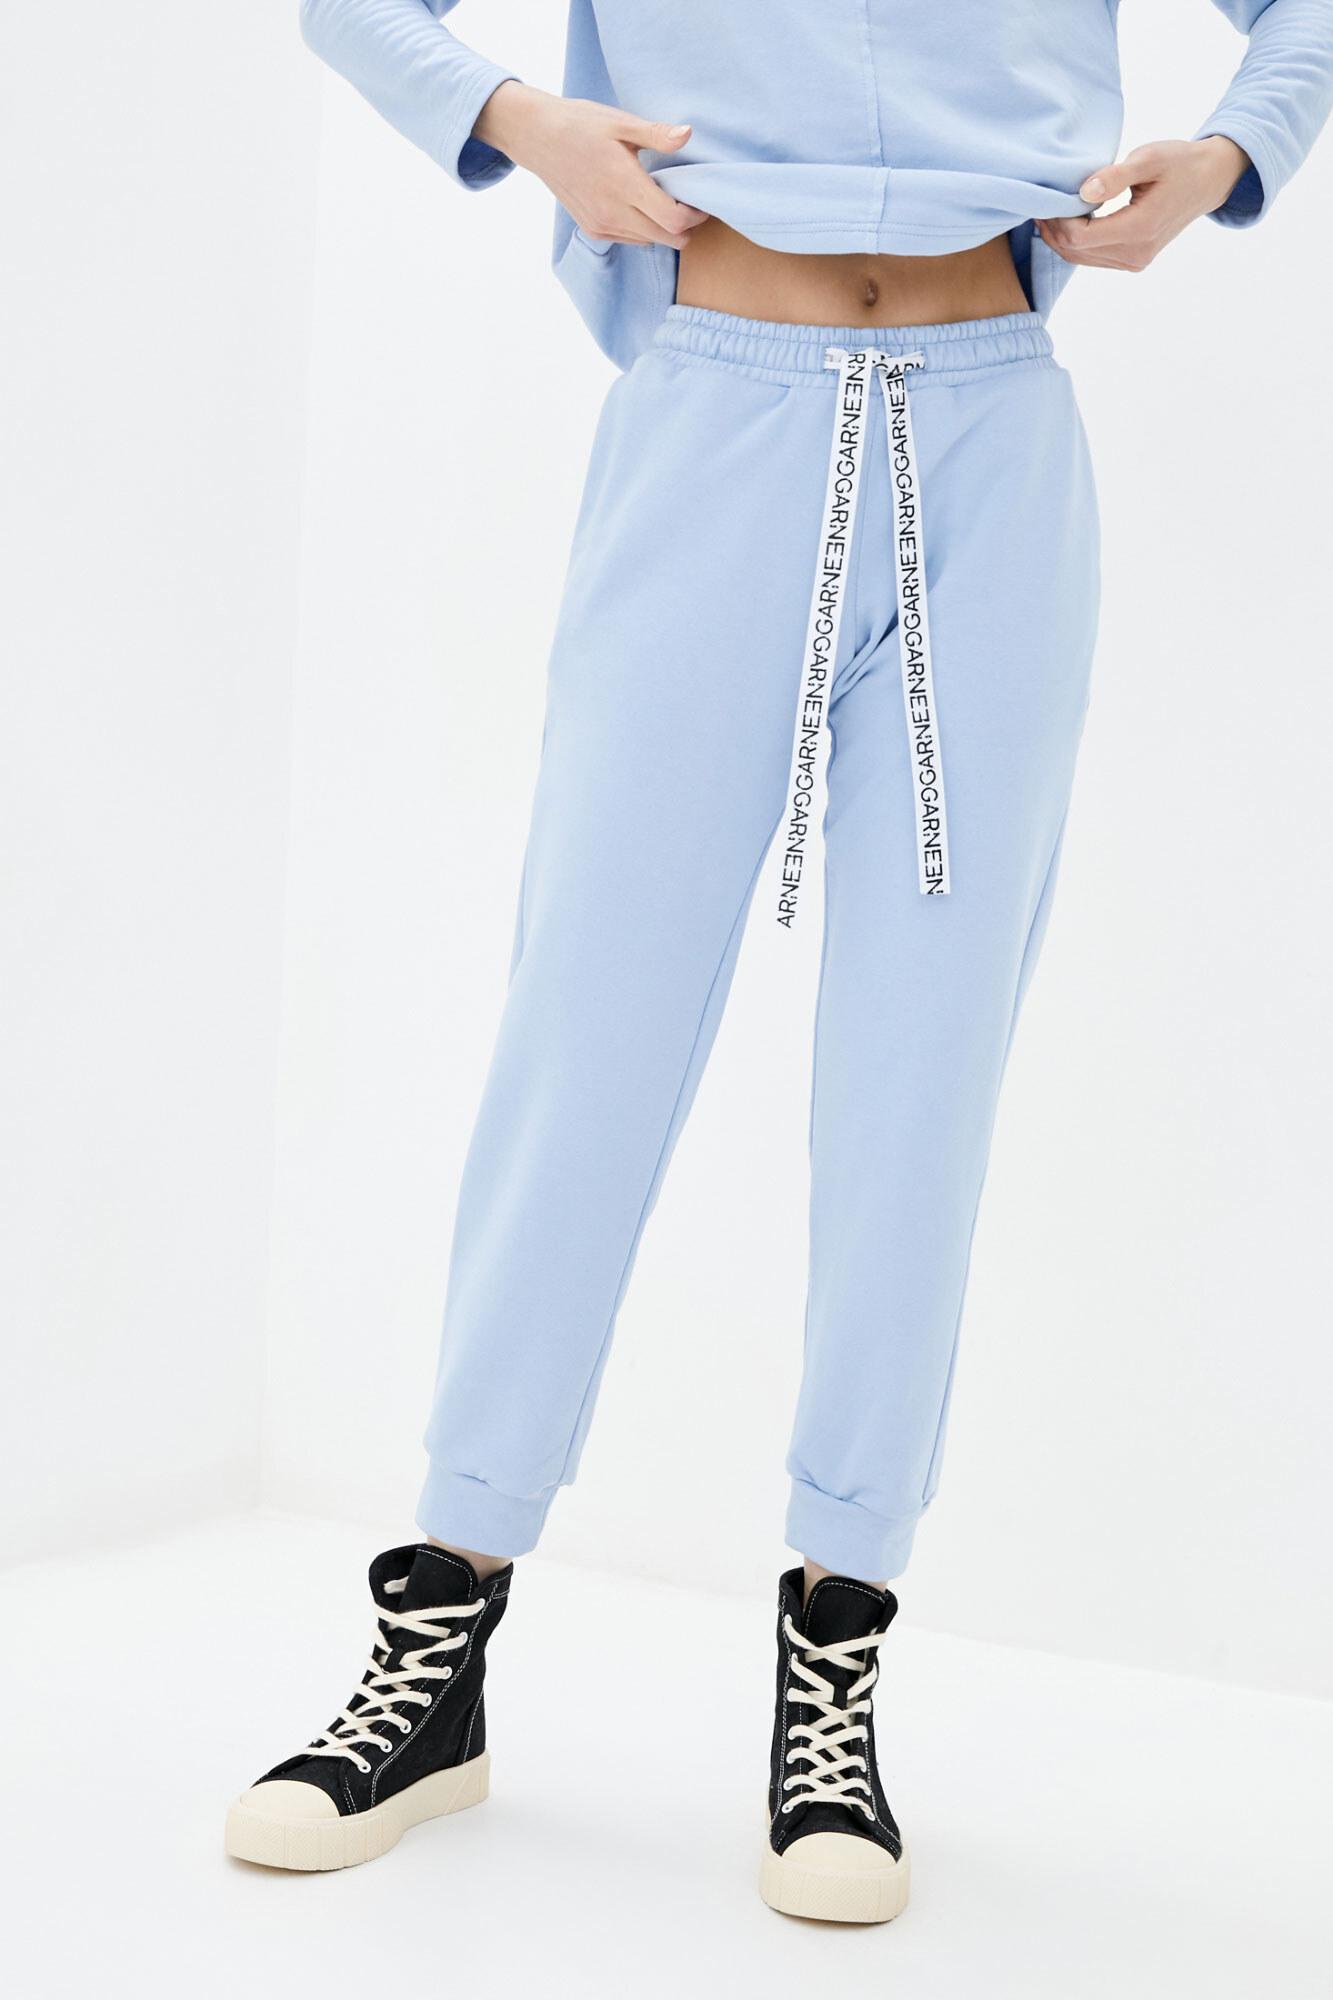 Хлопковые спортивные штаны джоггеры голубого цвета GEN